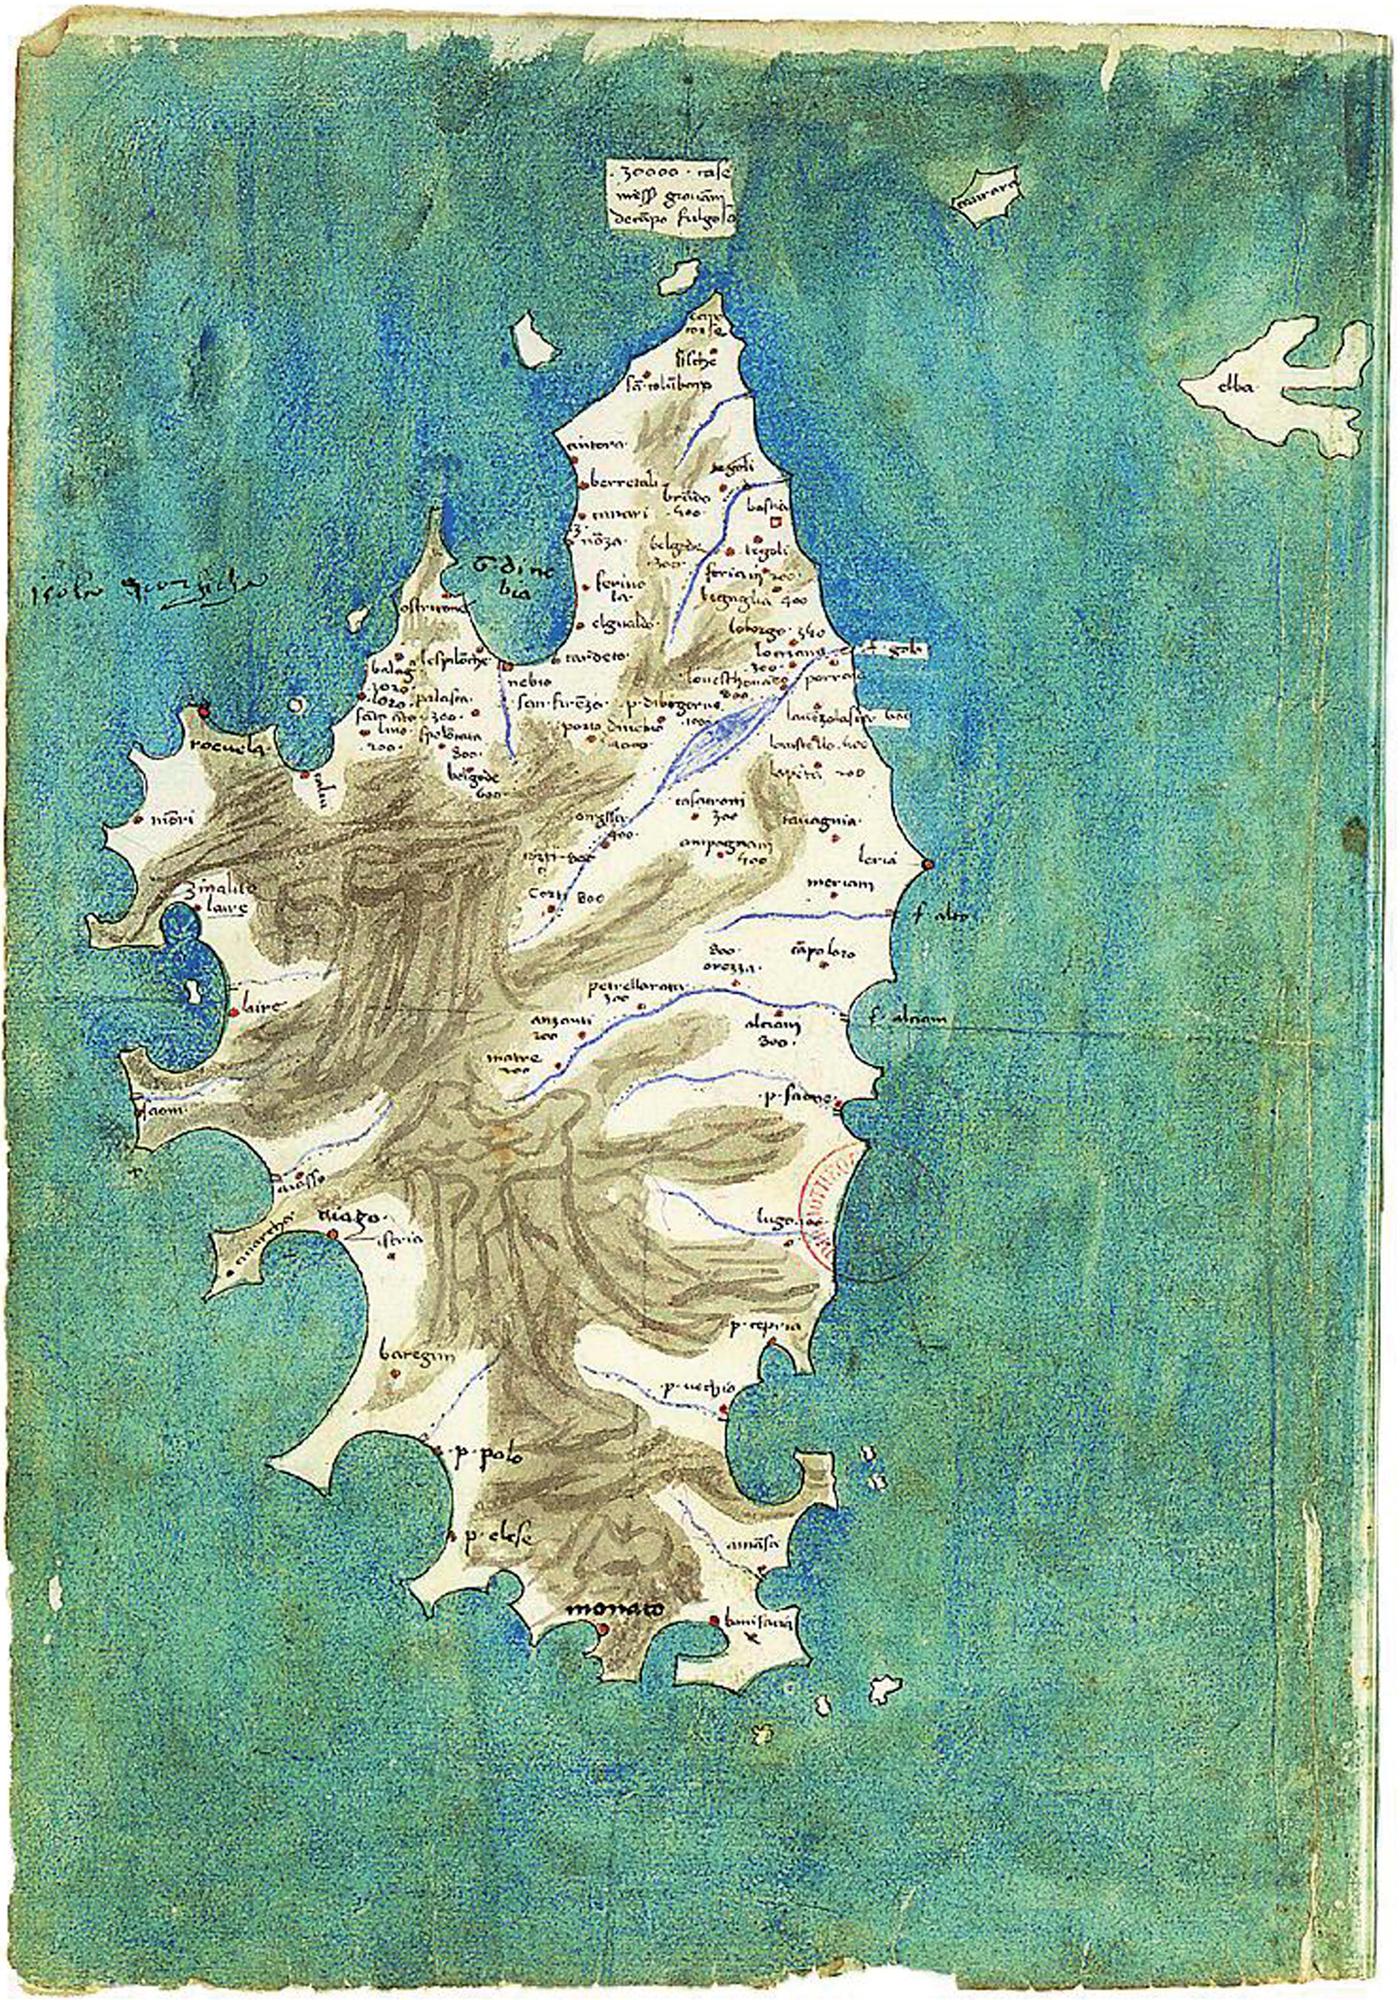 Carte Corse Orezza.Les Premieres Cartes Chorographiques De La Corse A La Fin Du